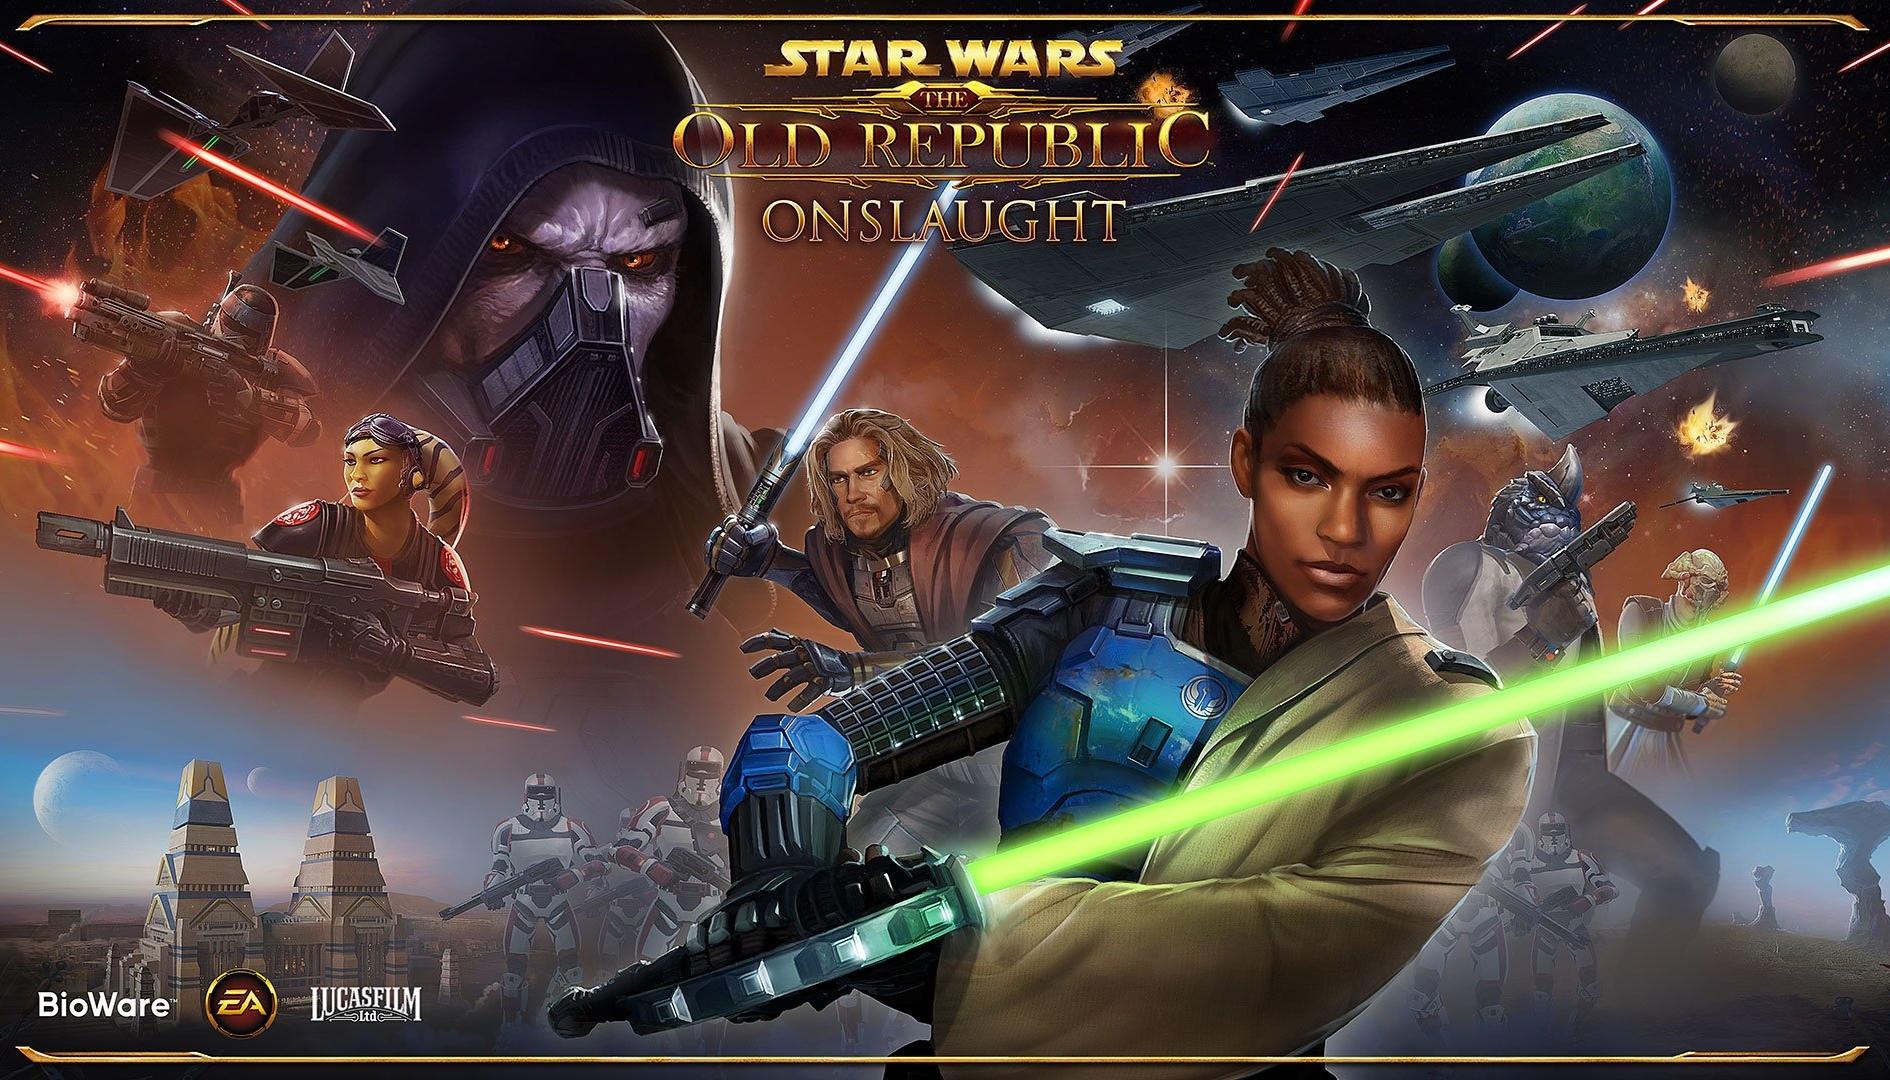 Star Wars The Old Republic ha incassato quasi un miliardo di dollari dal lancio